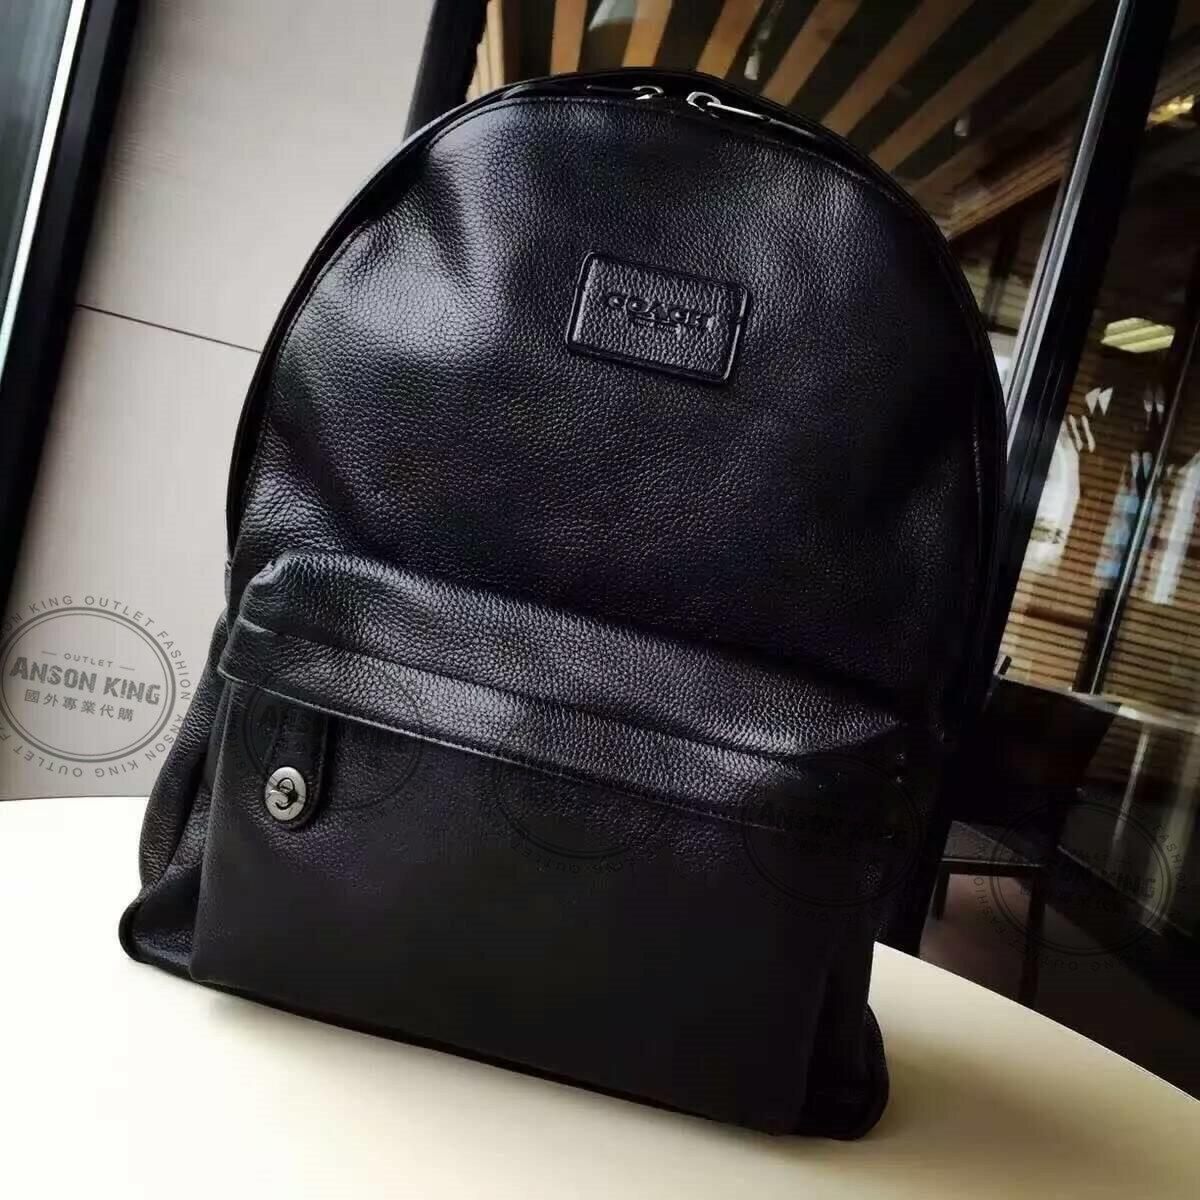 美國Outlet代購 Coach 全新正品 F71622 荔枝皮壓紋純色後背包 黑色 雙肩包 書包 上班包